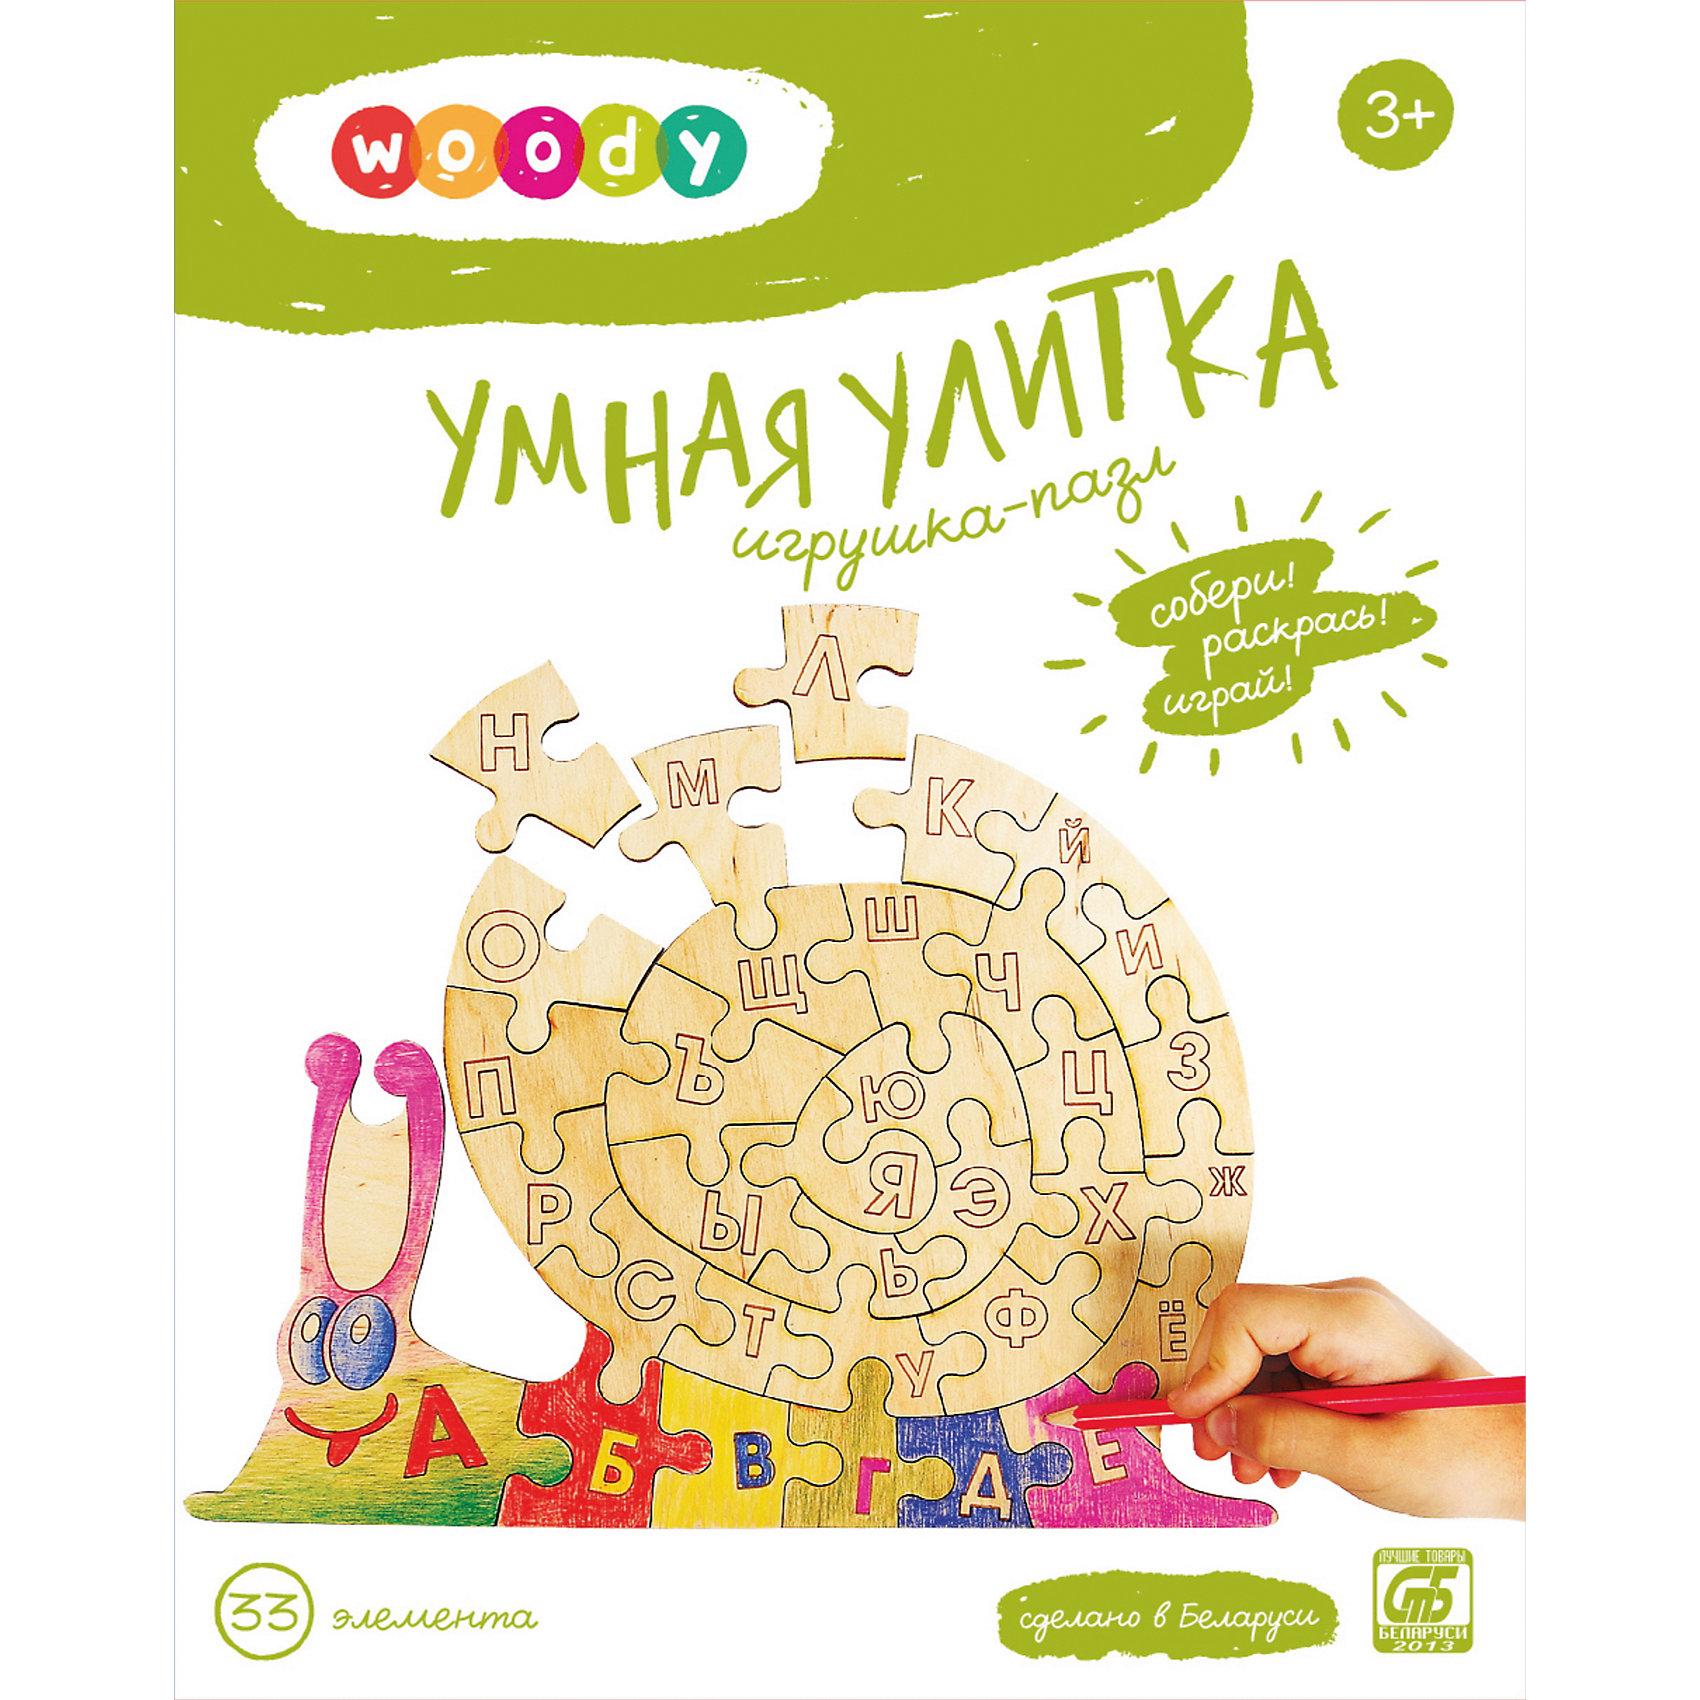 Набор Умная улиткаРебенок постоянно чему-то учится, сделать процесс познавания мира для малышей - просто! Интересная обучающая игрушка Умная улитка - это деревянный пазл с буквами, он поможет ребенку легко запомнить алфавит в процессе совмещения соответствующих элементов.<br>Этот пазл обязательно займет ребенка! Игра с ним помогает детям развивать мелкую моторику и познавать мир, также его можно раскрасить по своему усмотрению. Обучающая игрушка сделана из качественных и безопасных для ребенка материалов - натурального дерева.<br><br>Дополнительная информация:<br><br>цвет: дерево;<br>размер: 30 х 23 см;<br>вес: 186 г;<br>элементов: 33;<br>материал: дерево.<br><br>Набор Умная улитка можно купить в нашем магазине.<br><br>Ширина мм: 210<br>Глубина мм: 40<br>Высота мм: 160<br>Вес г: 186<br>Возраст от месяцев: 36<br>Возраст до месяцев: 2147483647<br>Пол: Унисекс<br>Возраст: Детский<br>SKU: 4916346